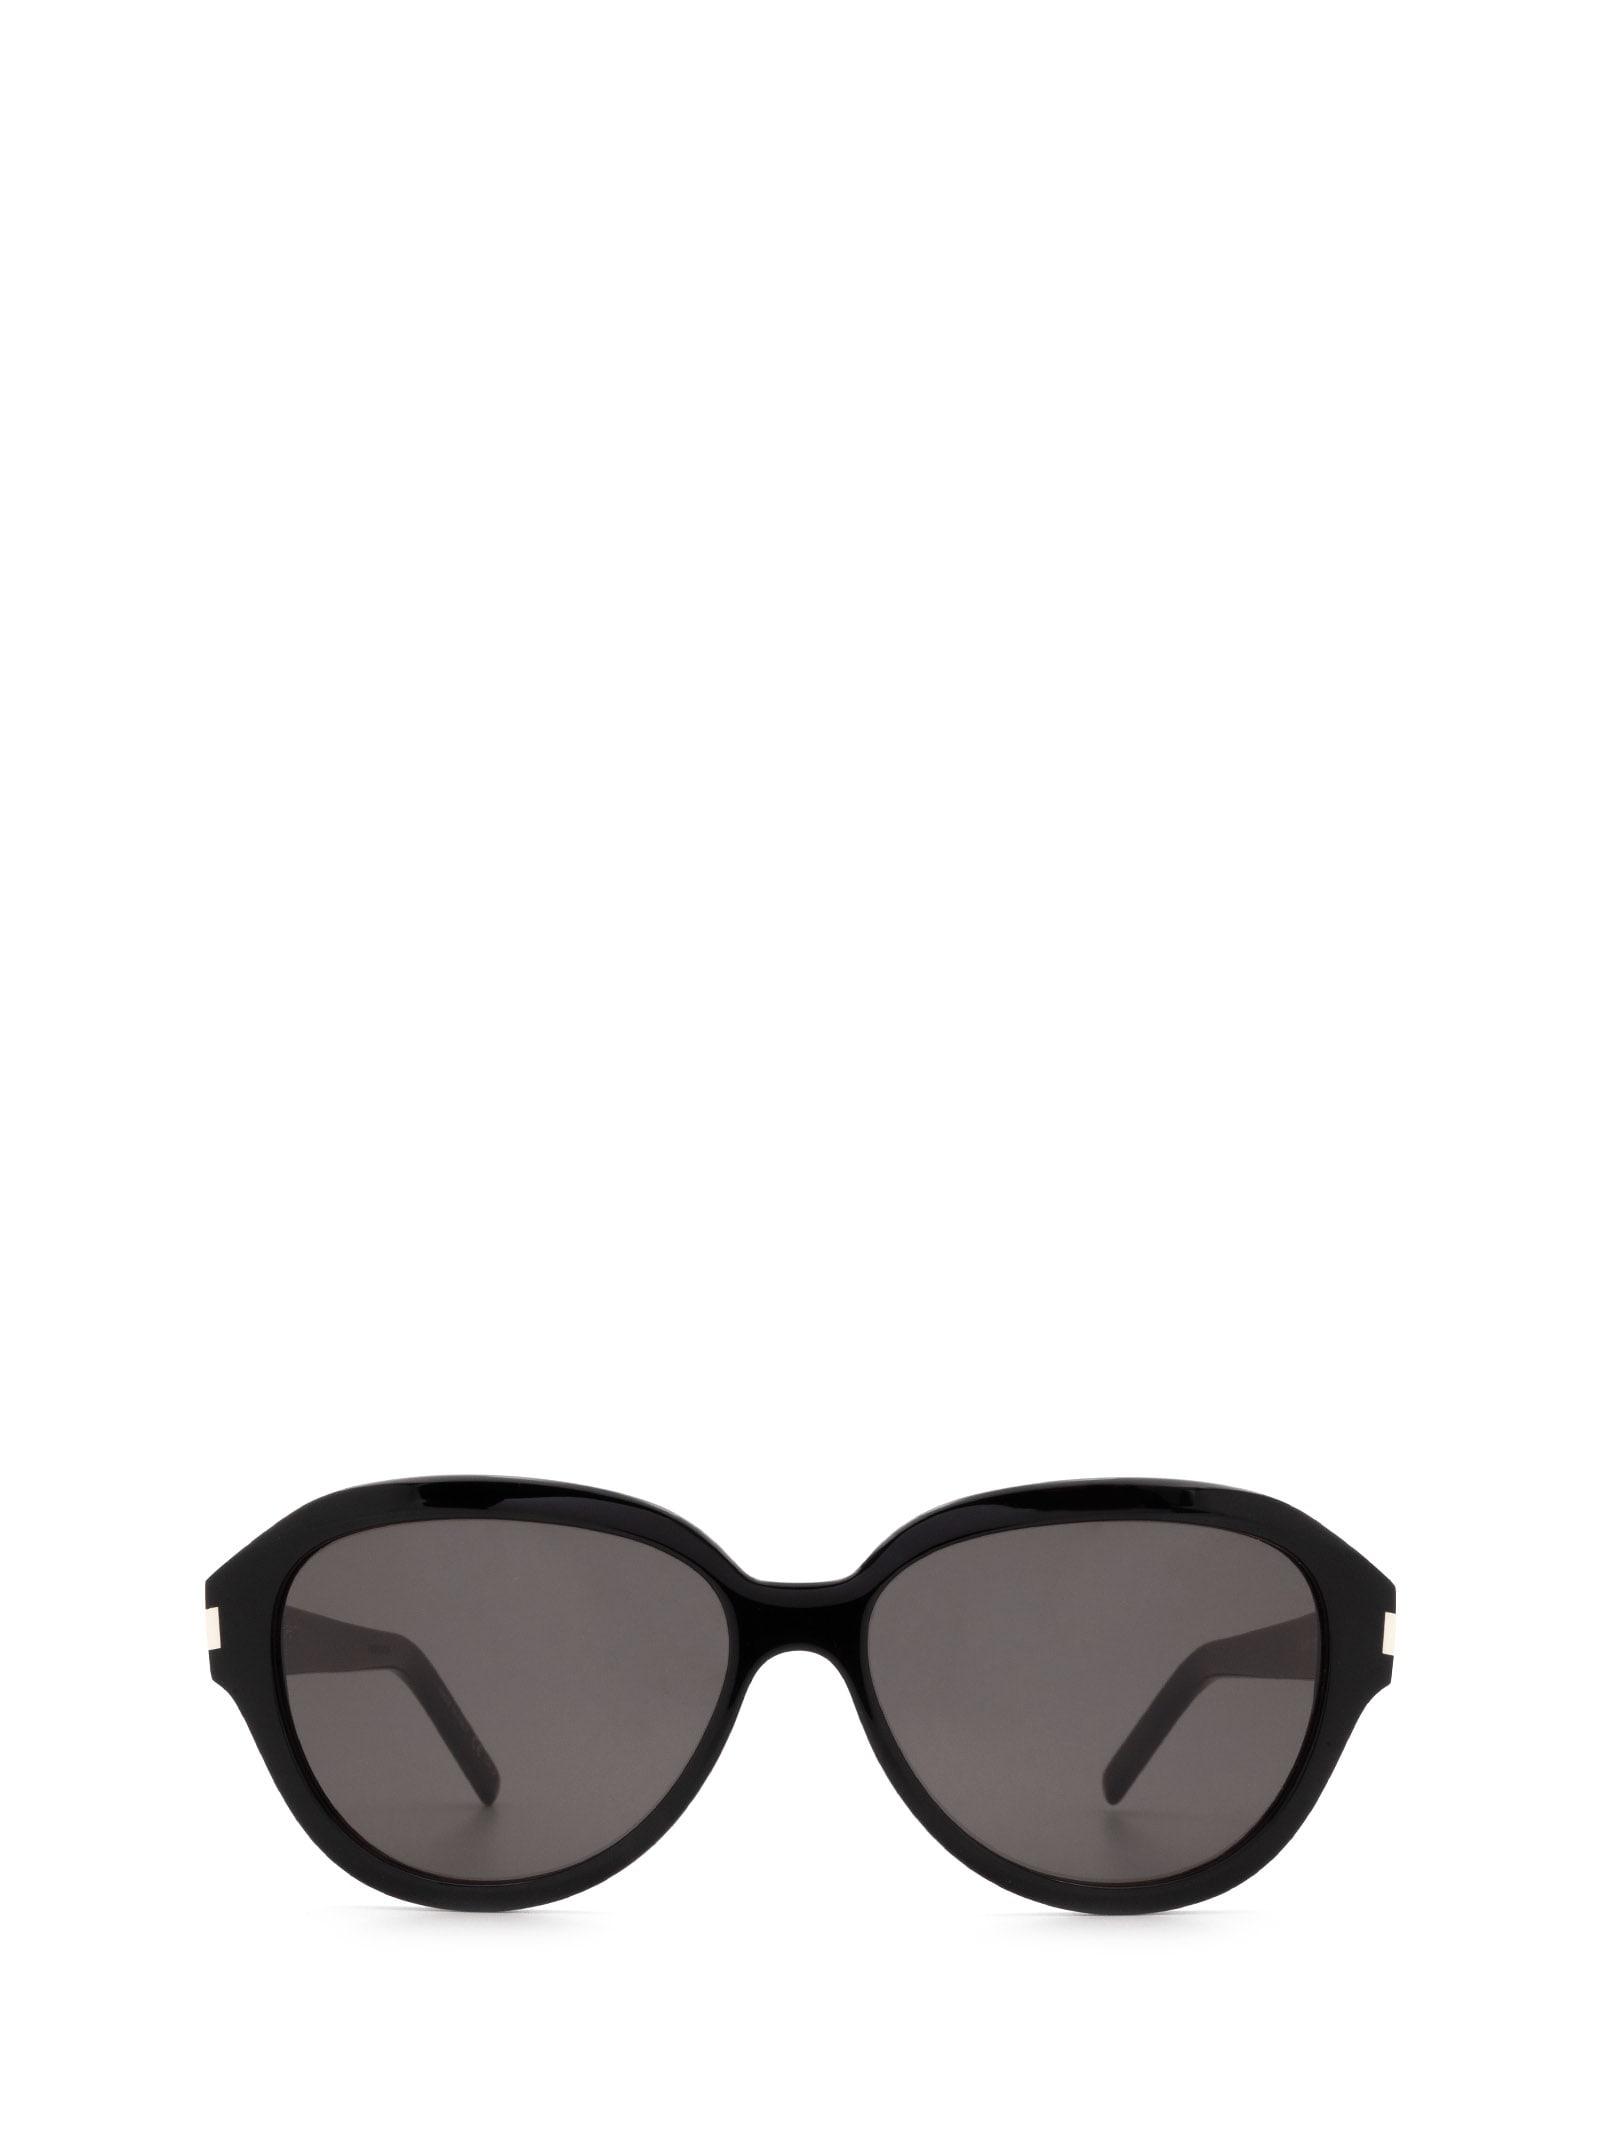 Saint Laurent Saint Laurent Sl 400 Black Sunglasses